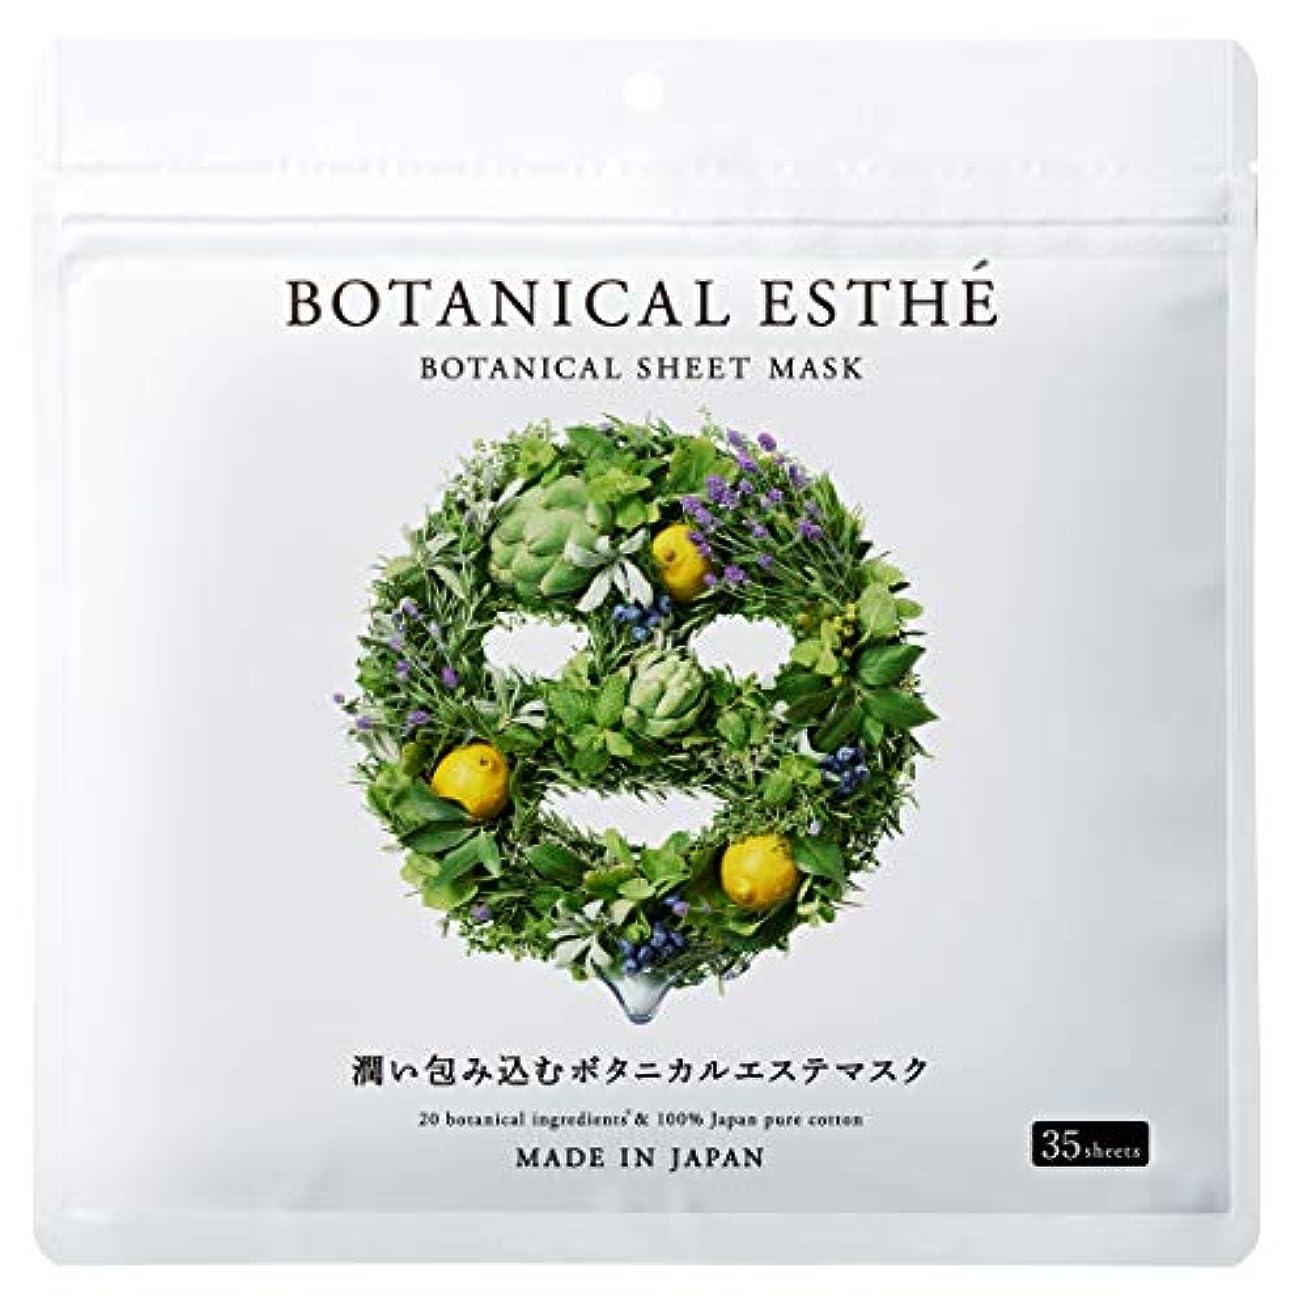 コンチネンタル大学生階層【通販限定】ボタニカルエステ シートマスク モイスト(35枚入り)